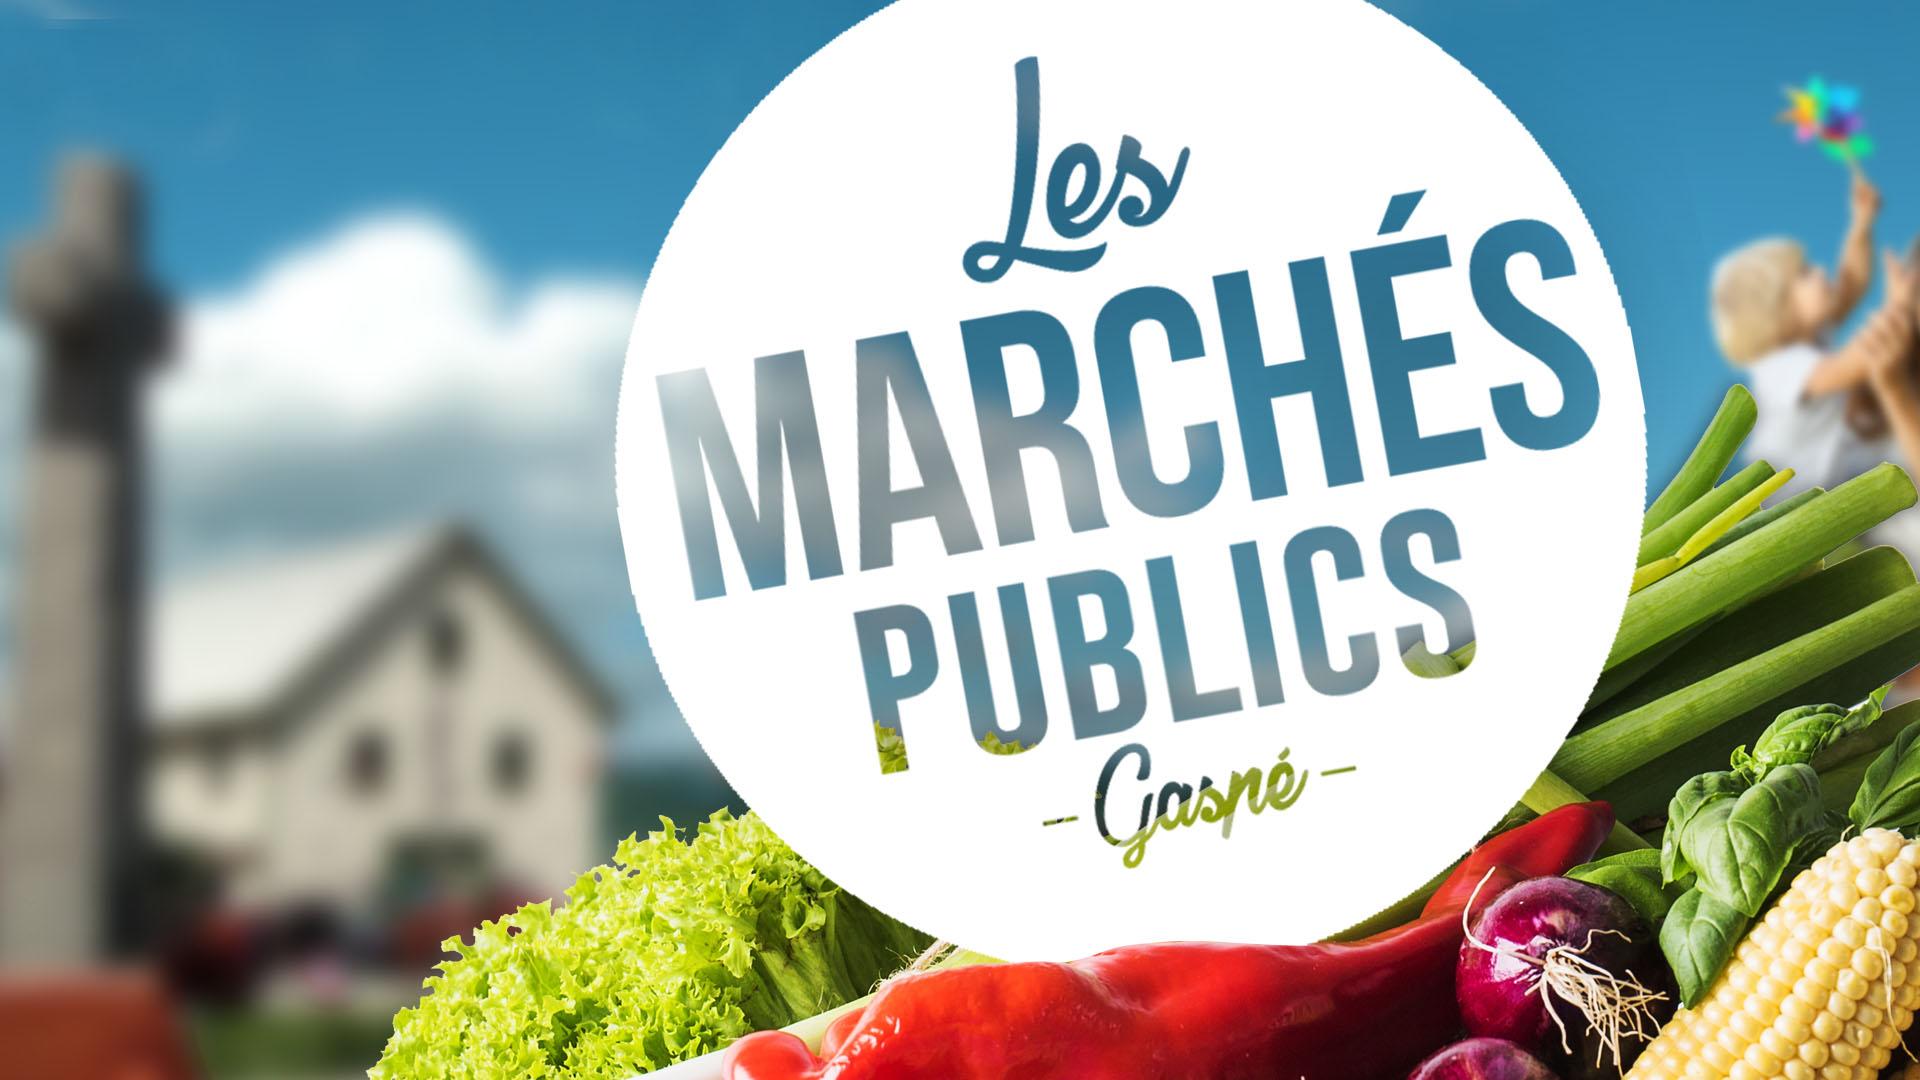 Marchés Publics Gaspé